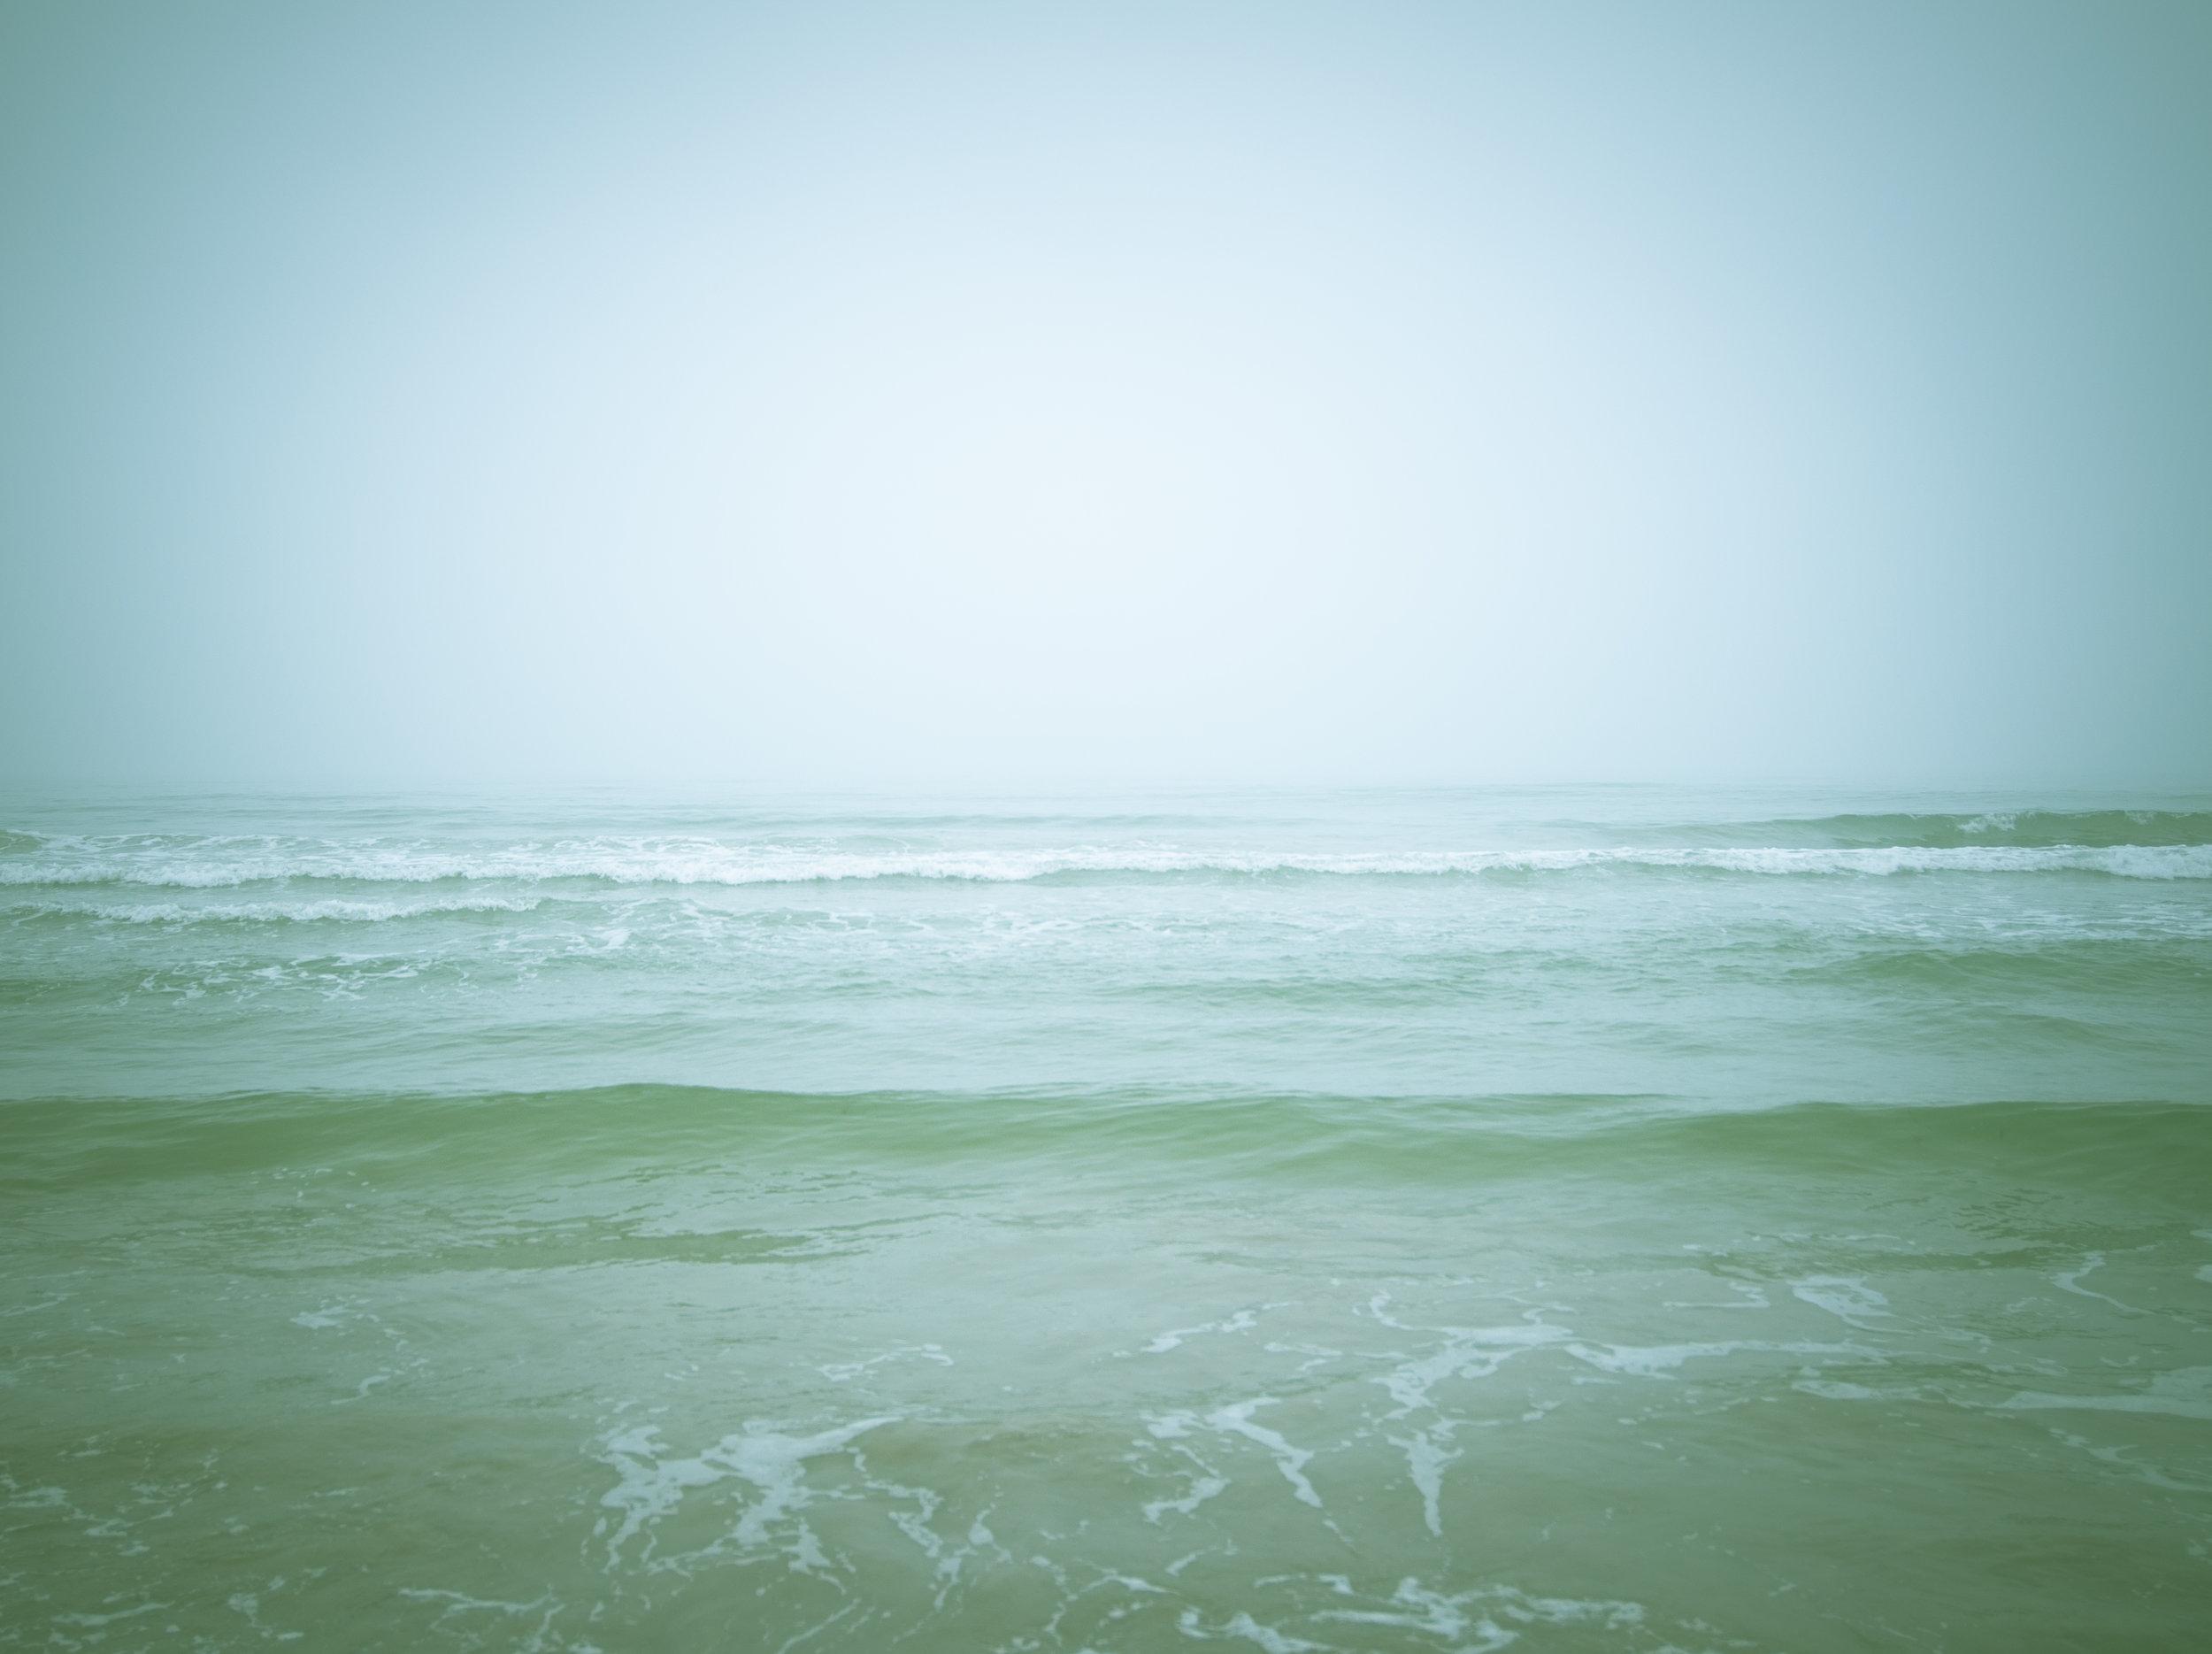 Water_scape001_TX.jpg